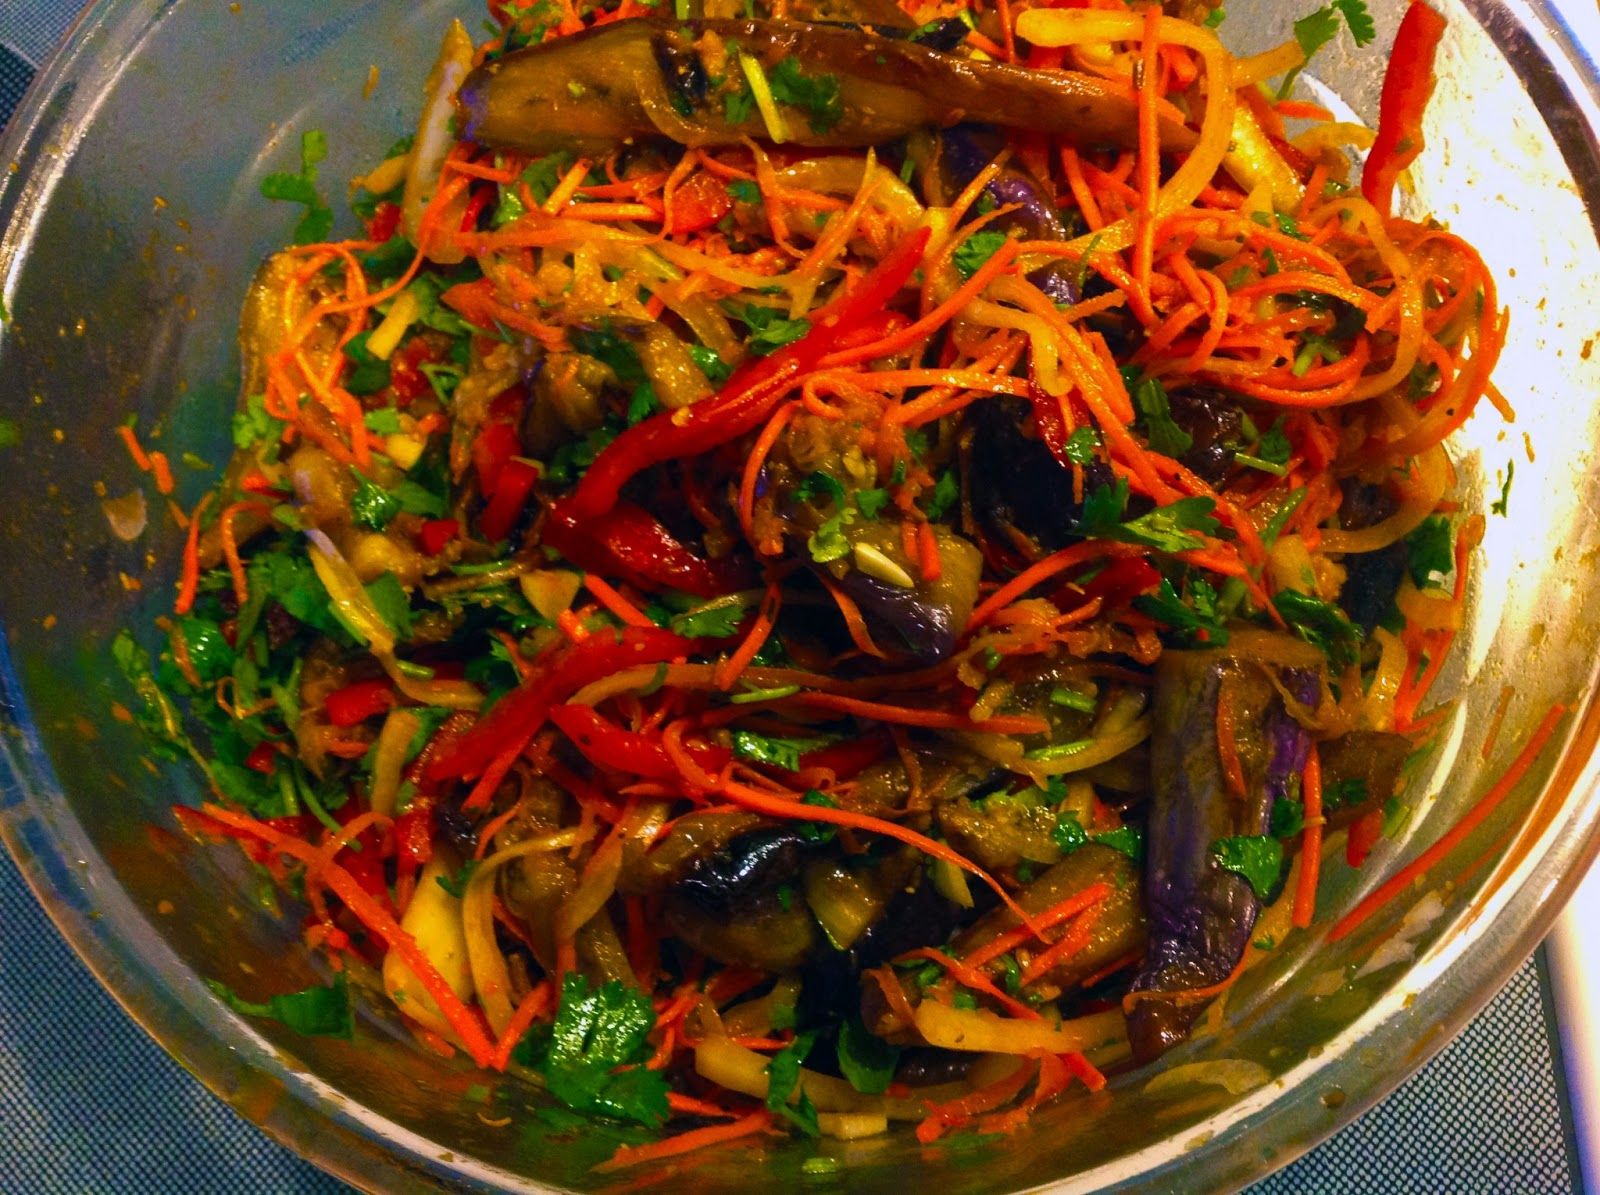 Баклажаны по-корейски: рецепт очень вкусной закуски